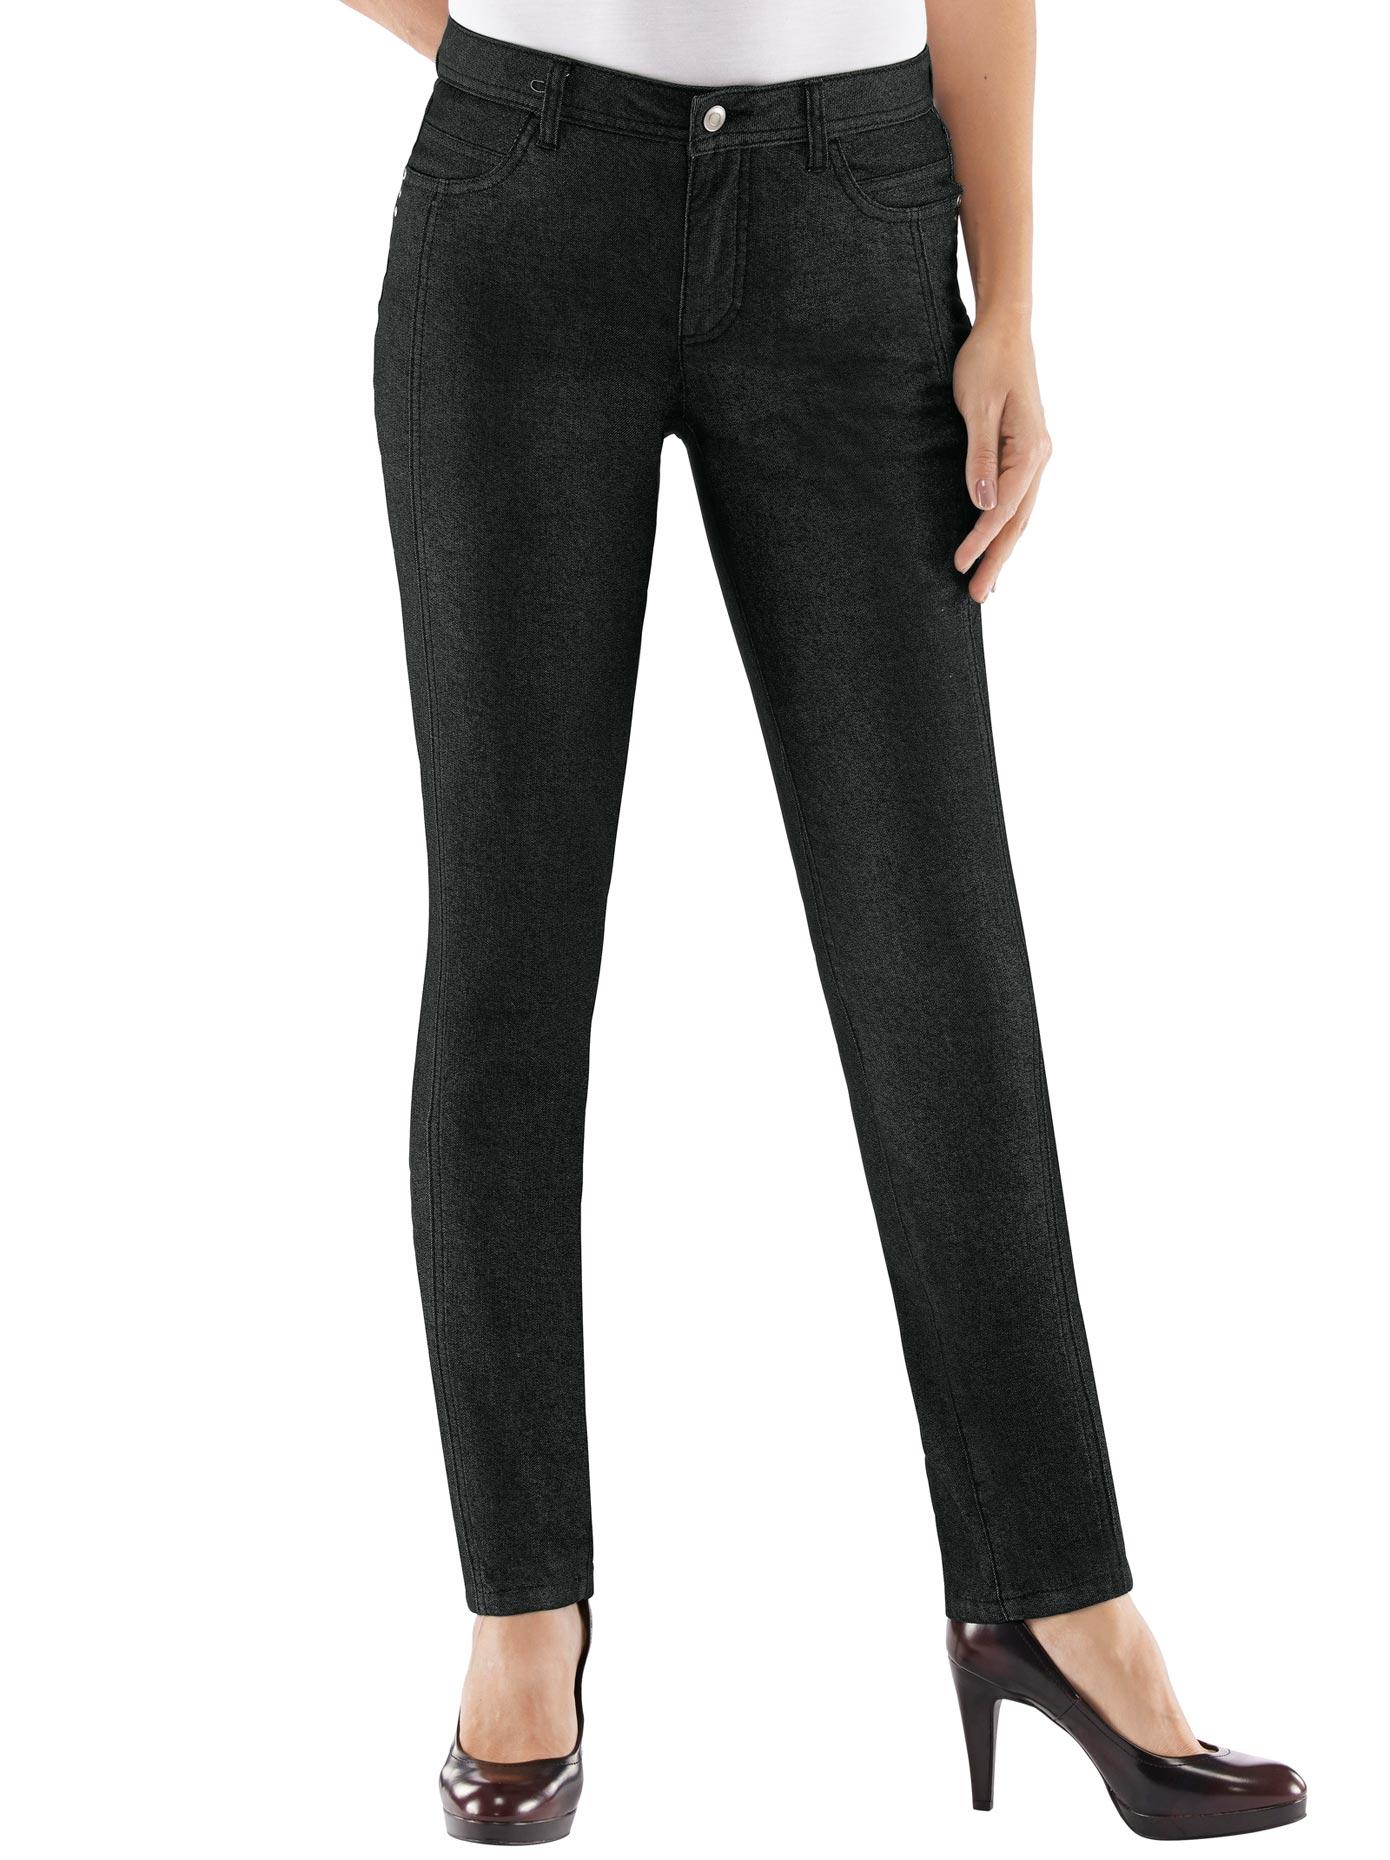 Classic Inspirationen Jeans in klassischer 5-Pocket-Form | Bekleidung > Jeans > 5-Pocket-Jeans | Classic Inspirationen